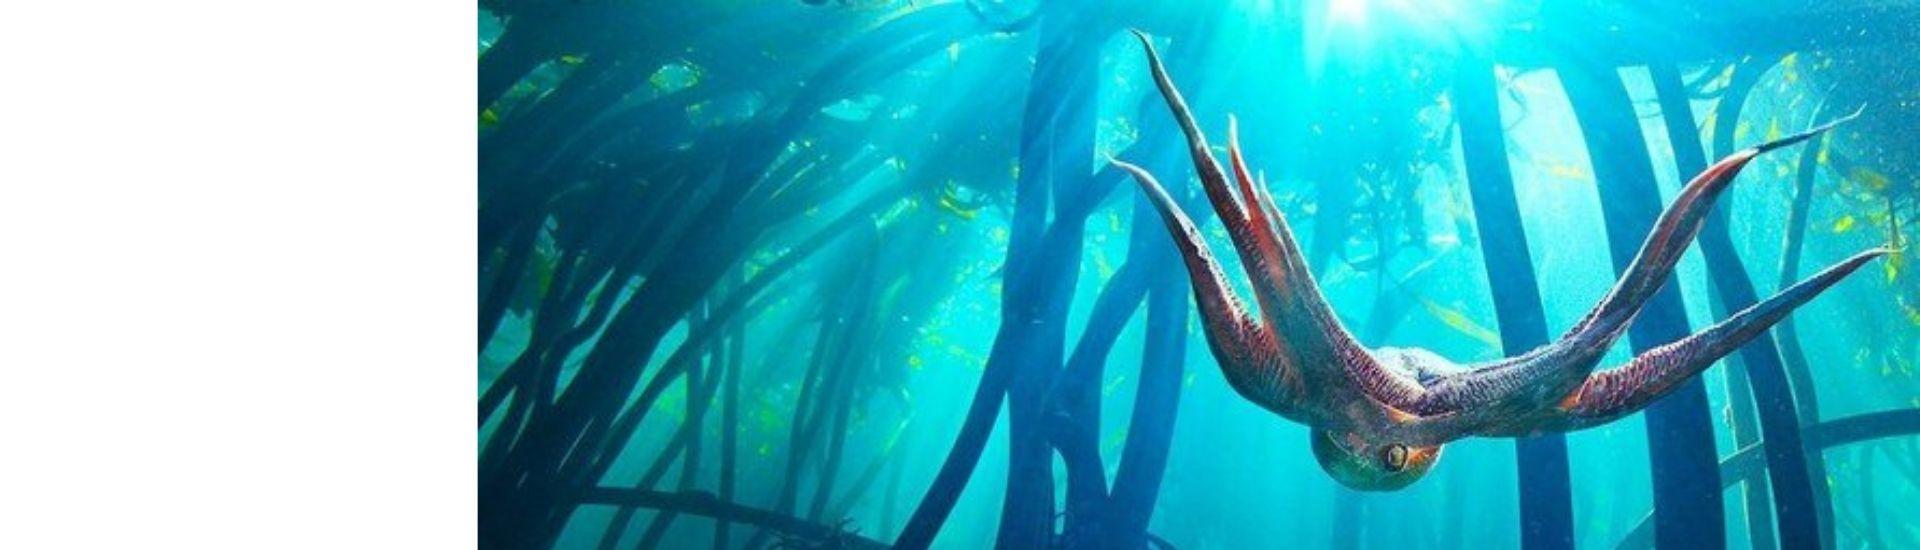 En la imagen se ve una escena del documental donde un pulpo hembra está nadando entre algas